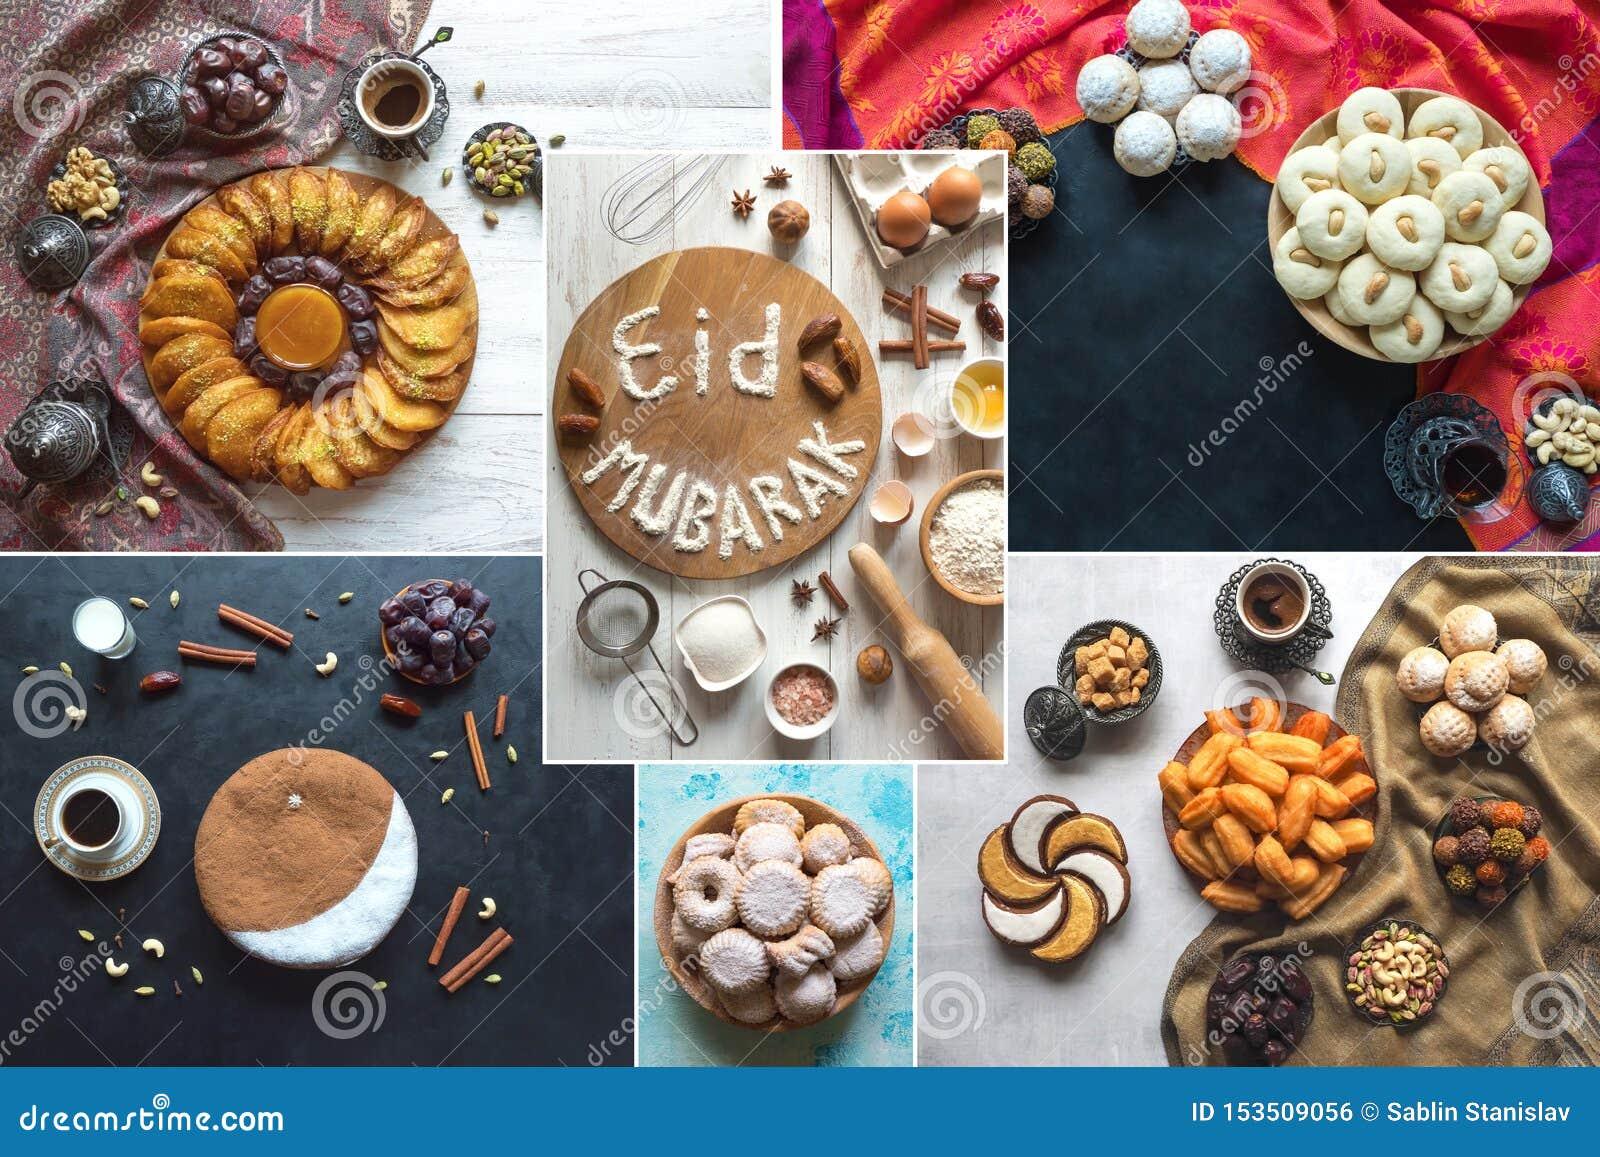 Colagem árabe Da Culinária Eid Mubarak Feliz Do Feriado